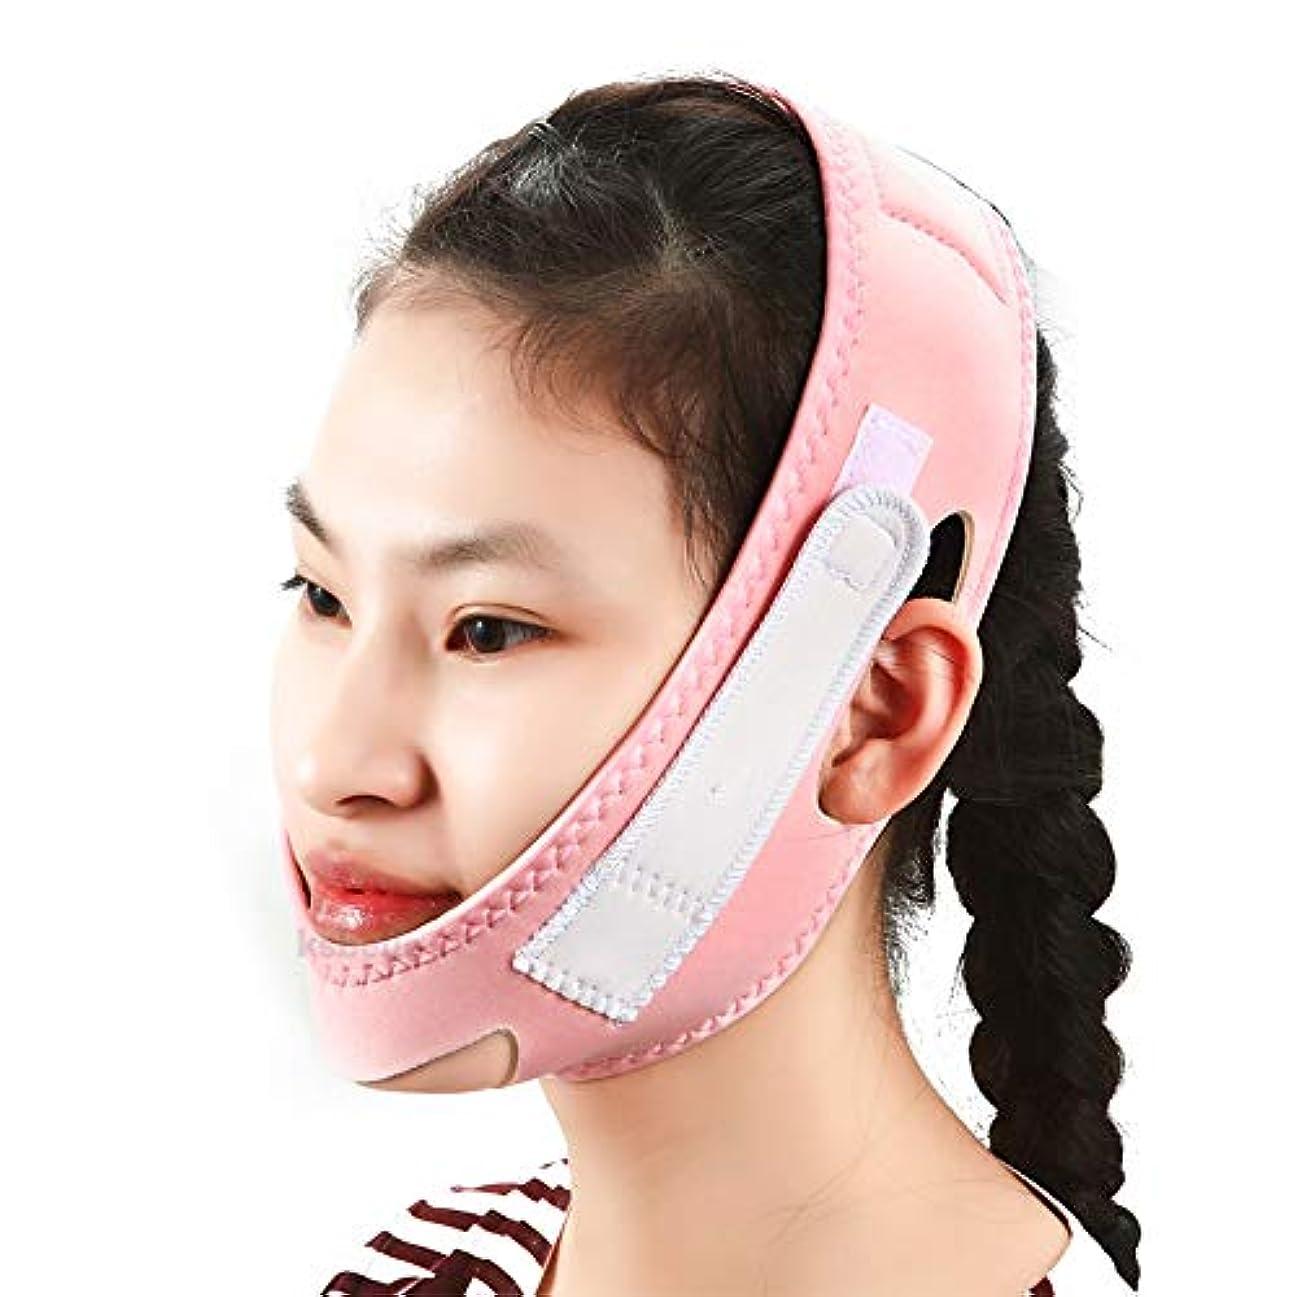 電話ゴネリル歴史的フェイススリムVラインリフトアップマスクチークチンネックスリム薄いベルトストラップ美容繊細な顔の薄いフェイスマスク痩身包帯